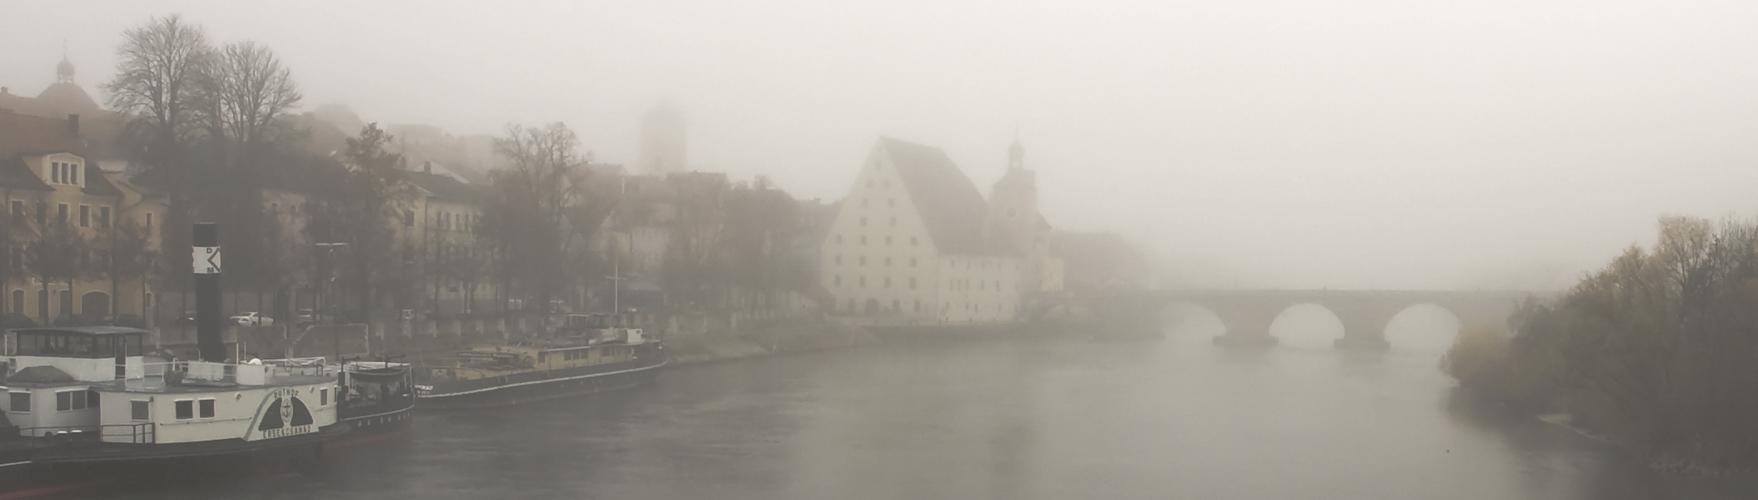 Regensburg im November